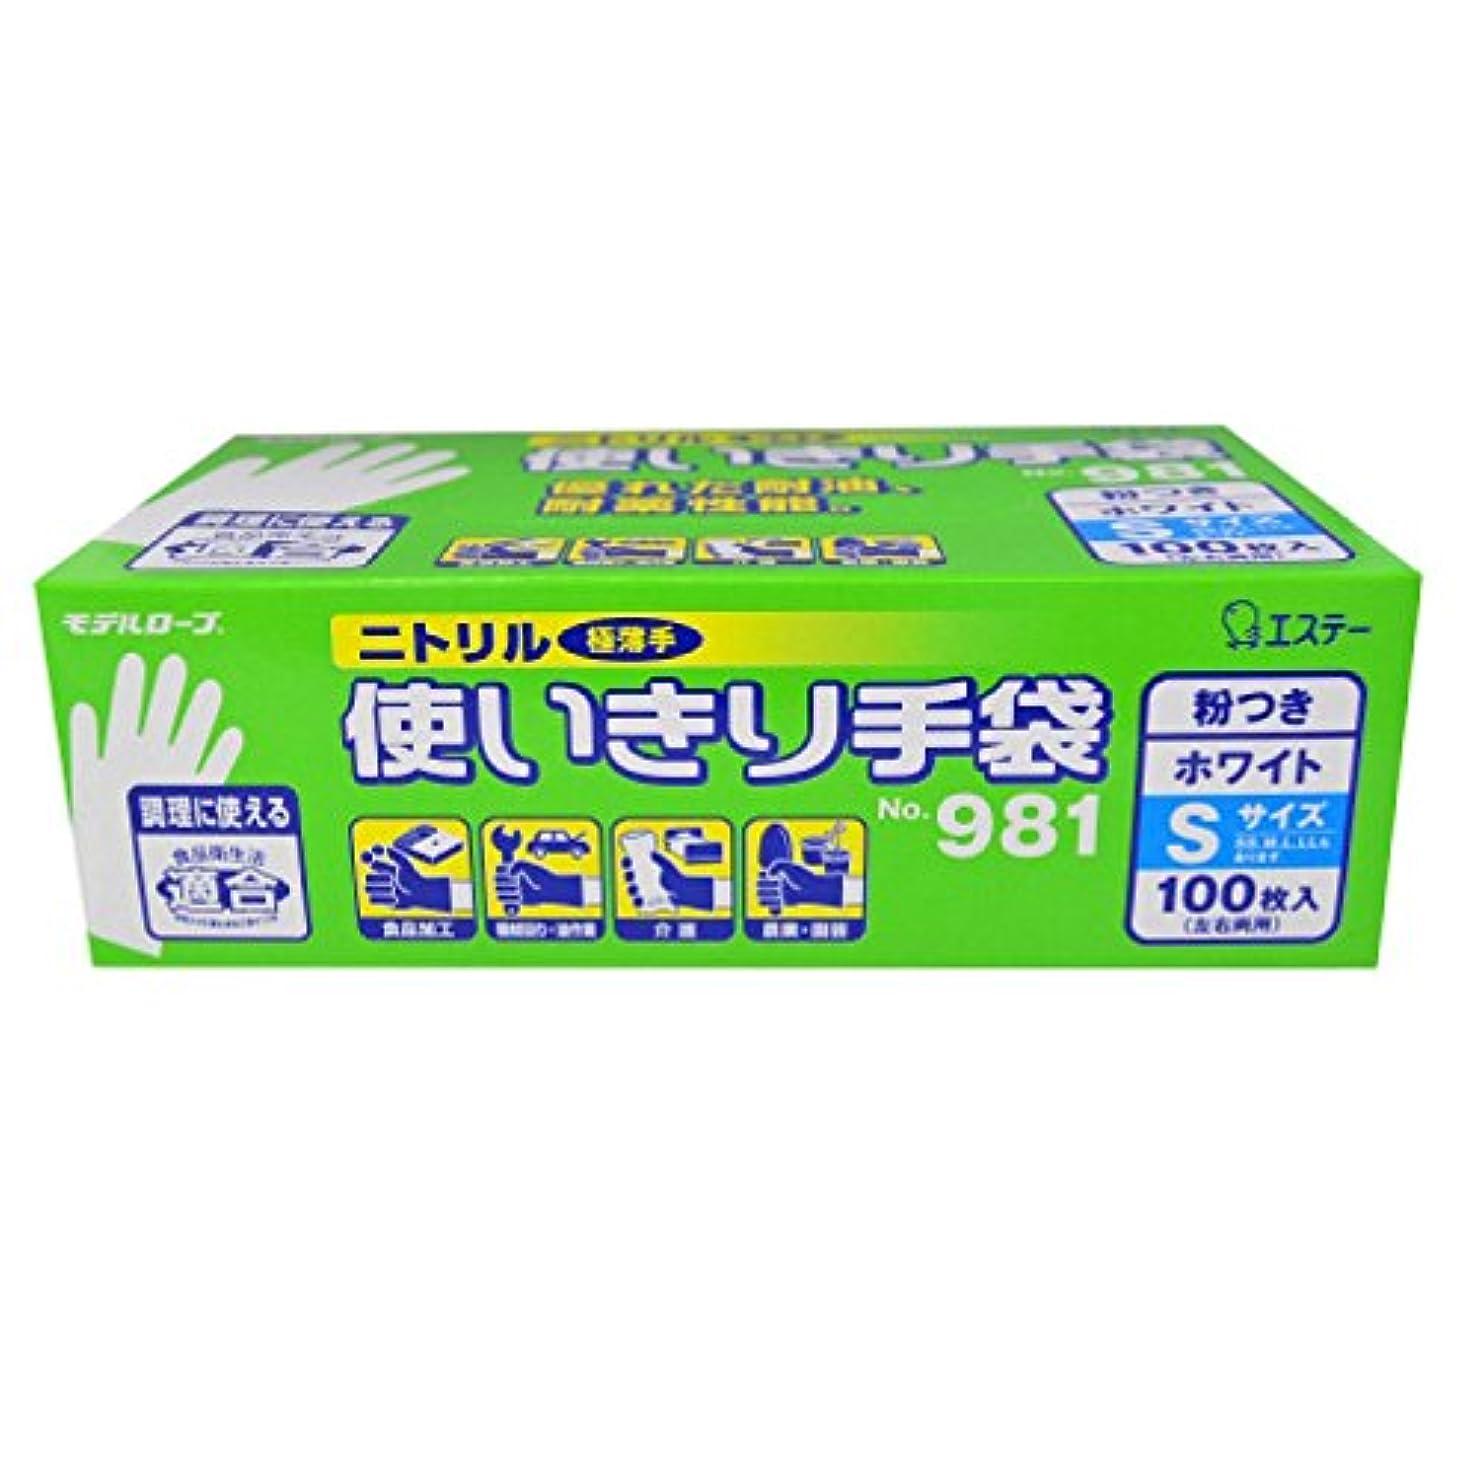 吸う希少性不和エステー/ニトリル使いきり手袋 箱入 (粉つき) [100枚入]/品番:981 サイズ:LL カラー:ブルー